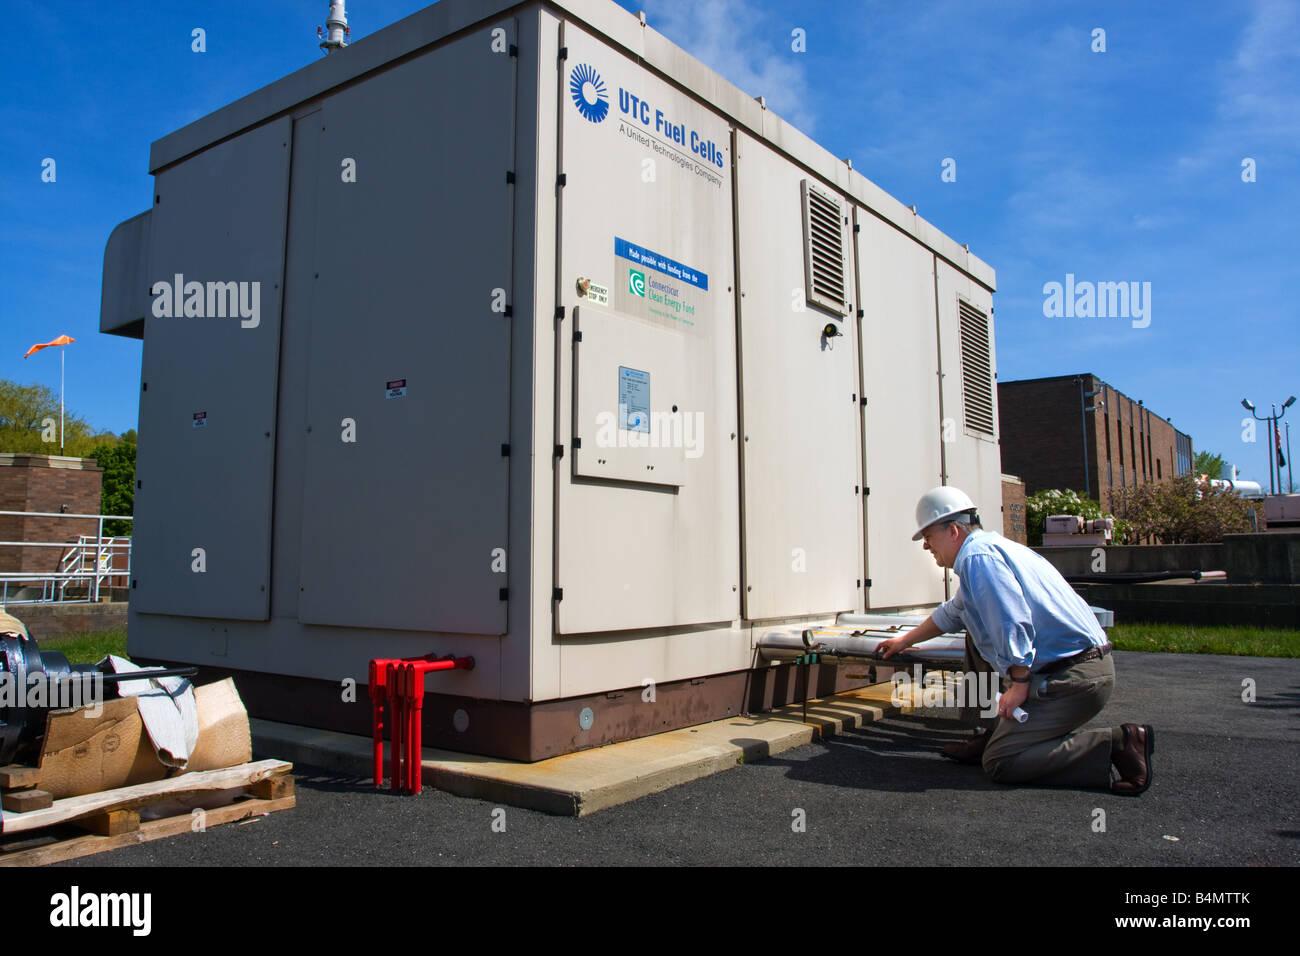 Un ingeniero mira a través de una celda de combustible generador de energía en Connecticut, EE.UU. Imagen De Stock